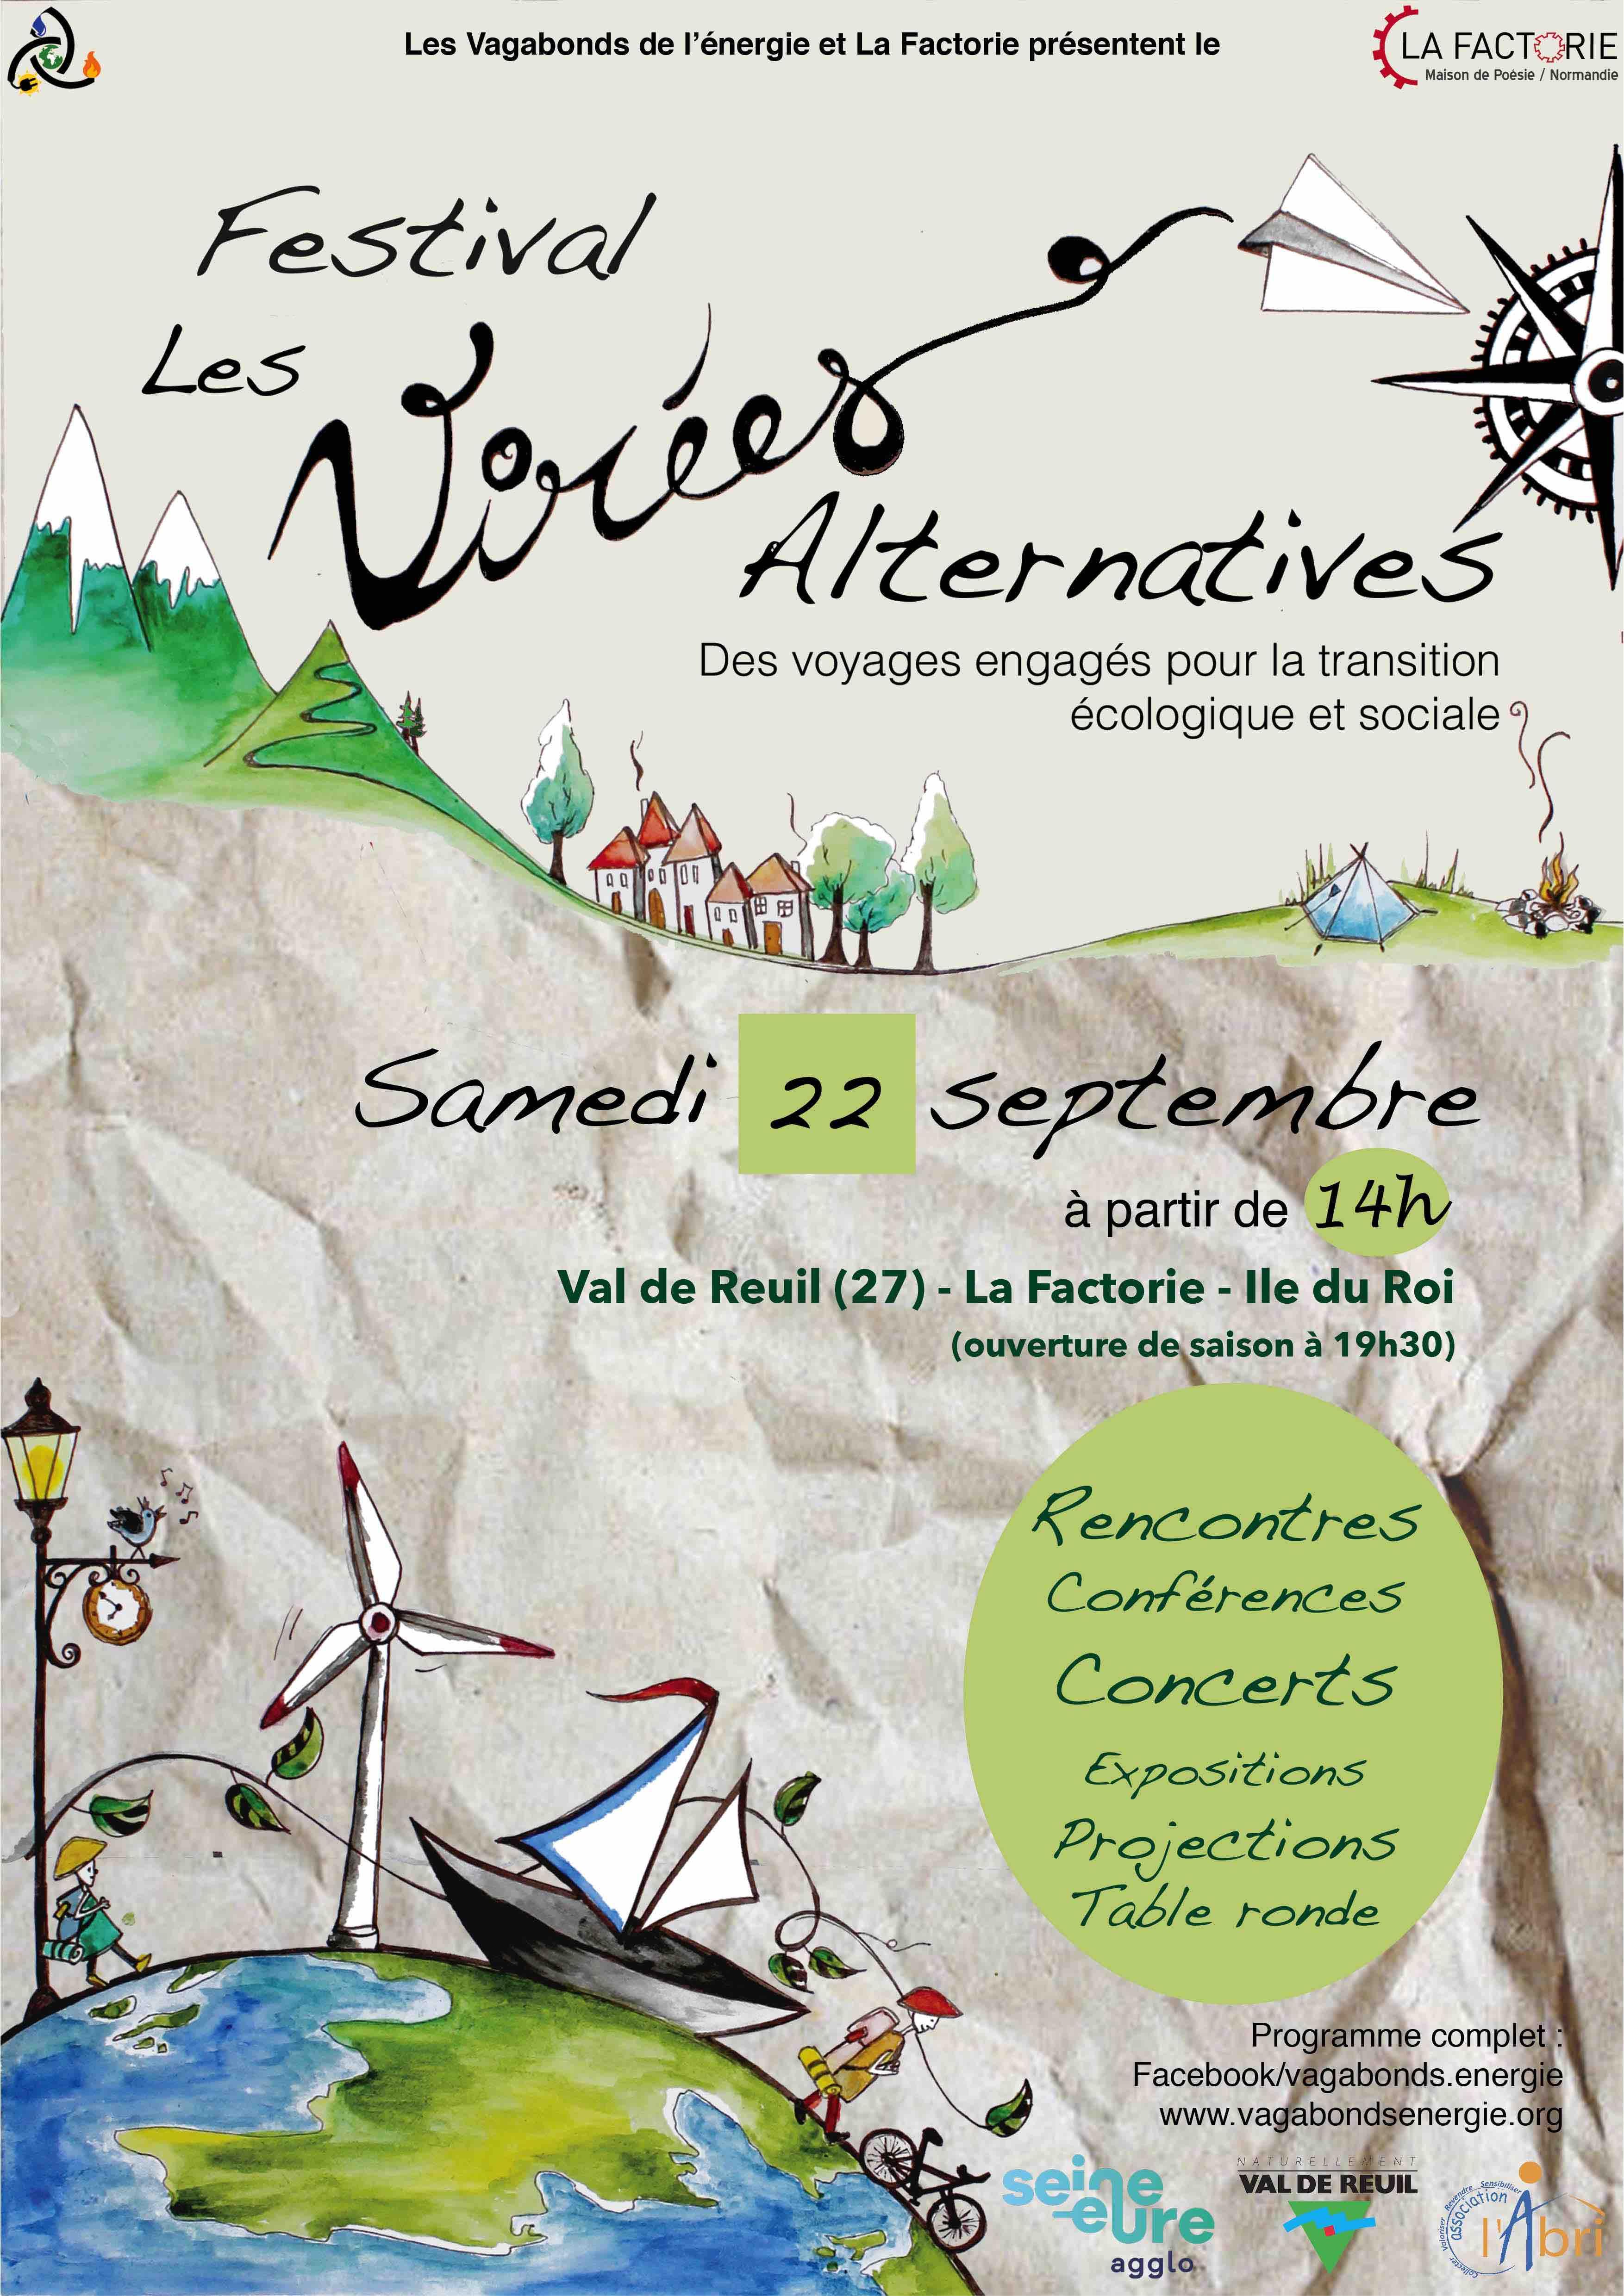 Le Festival des Virées Alternatives